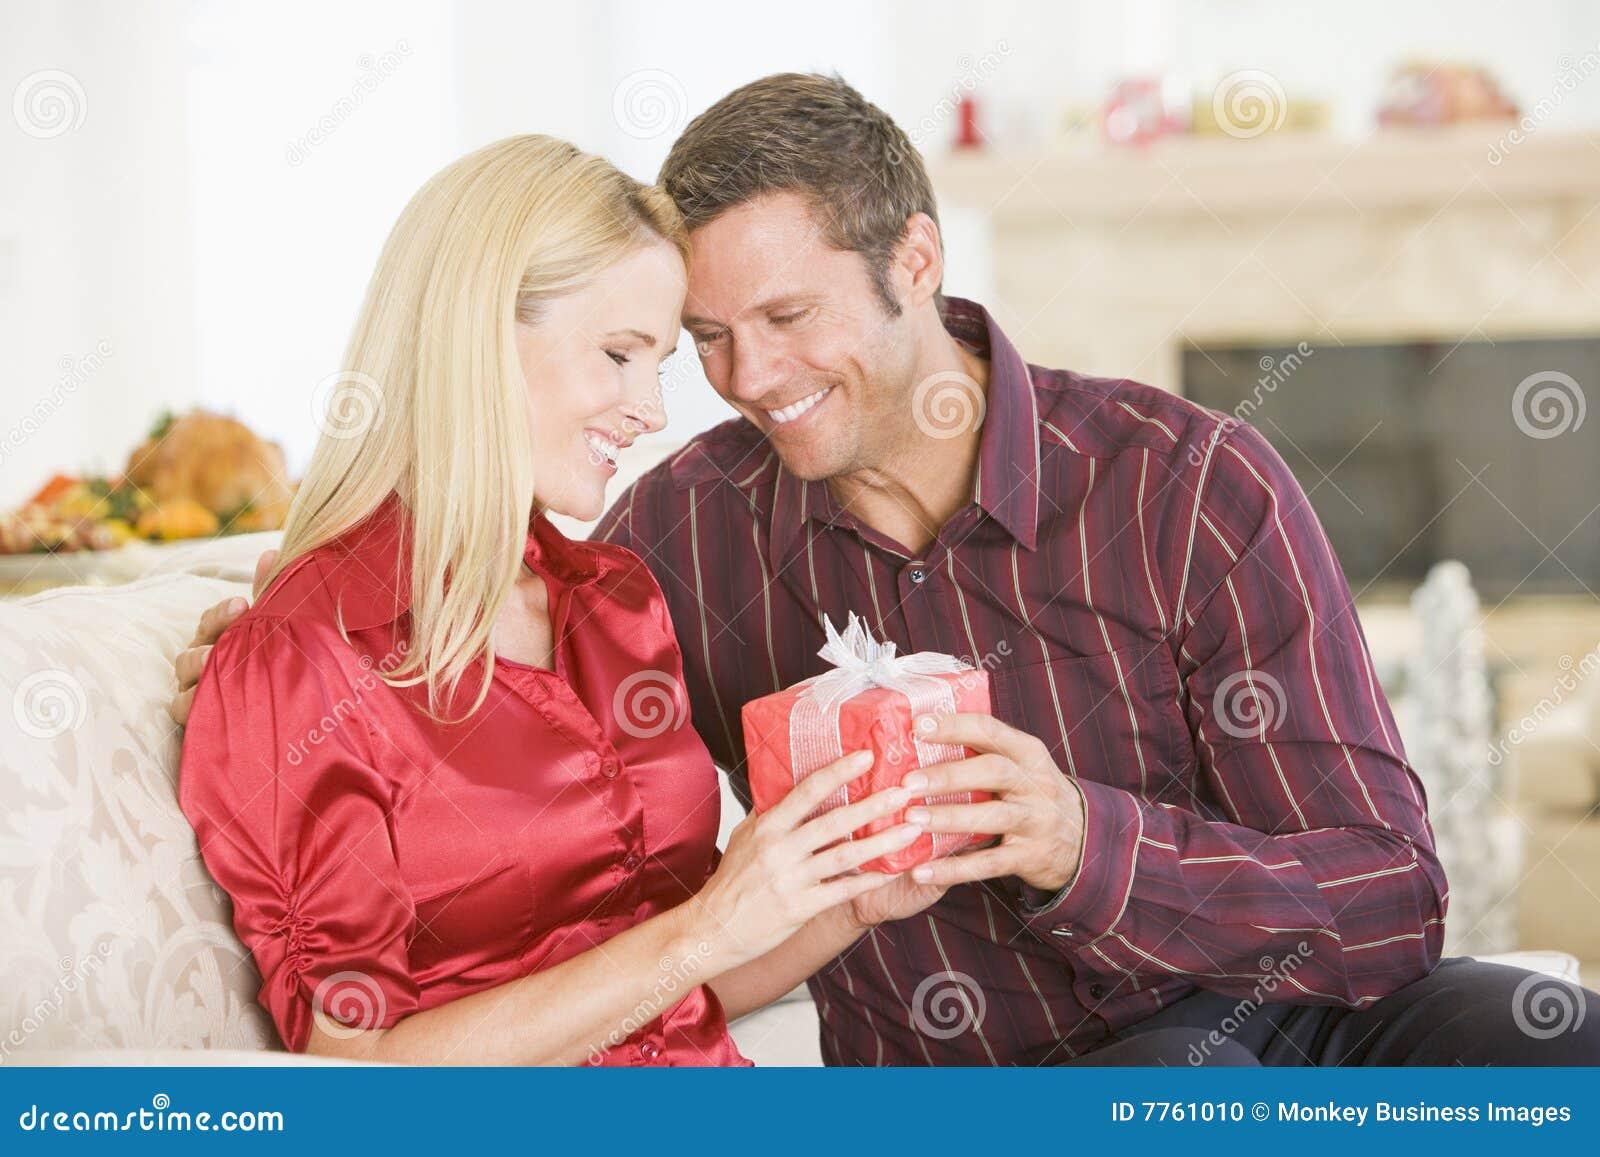 Я друг и жена онлайн, Муж, жена и друг семьи порно смотреть онлайн порно 21 фотография